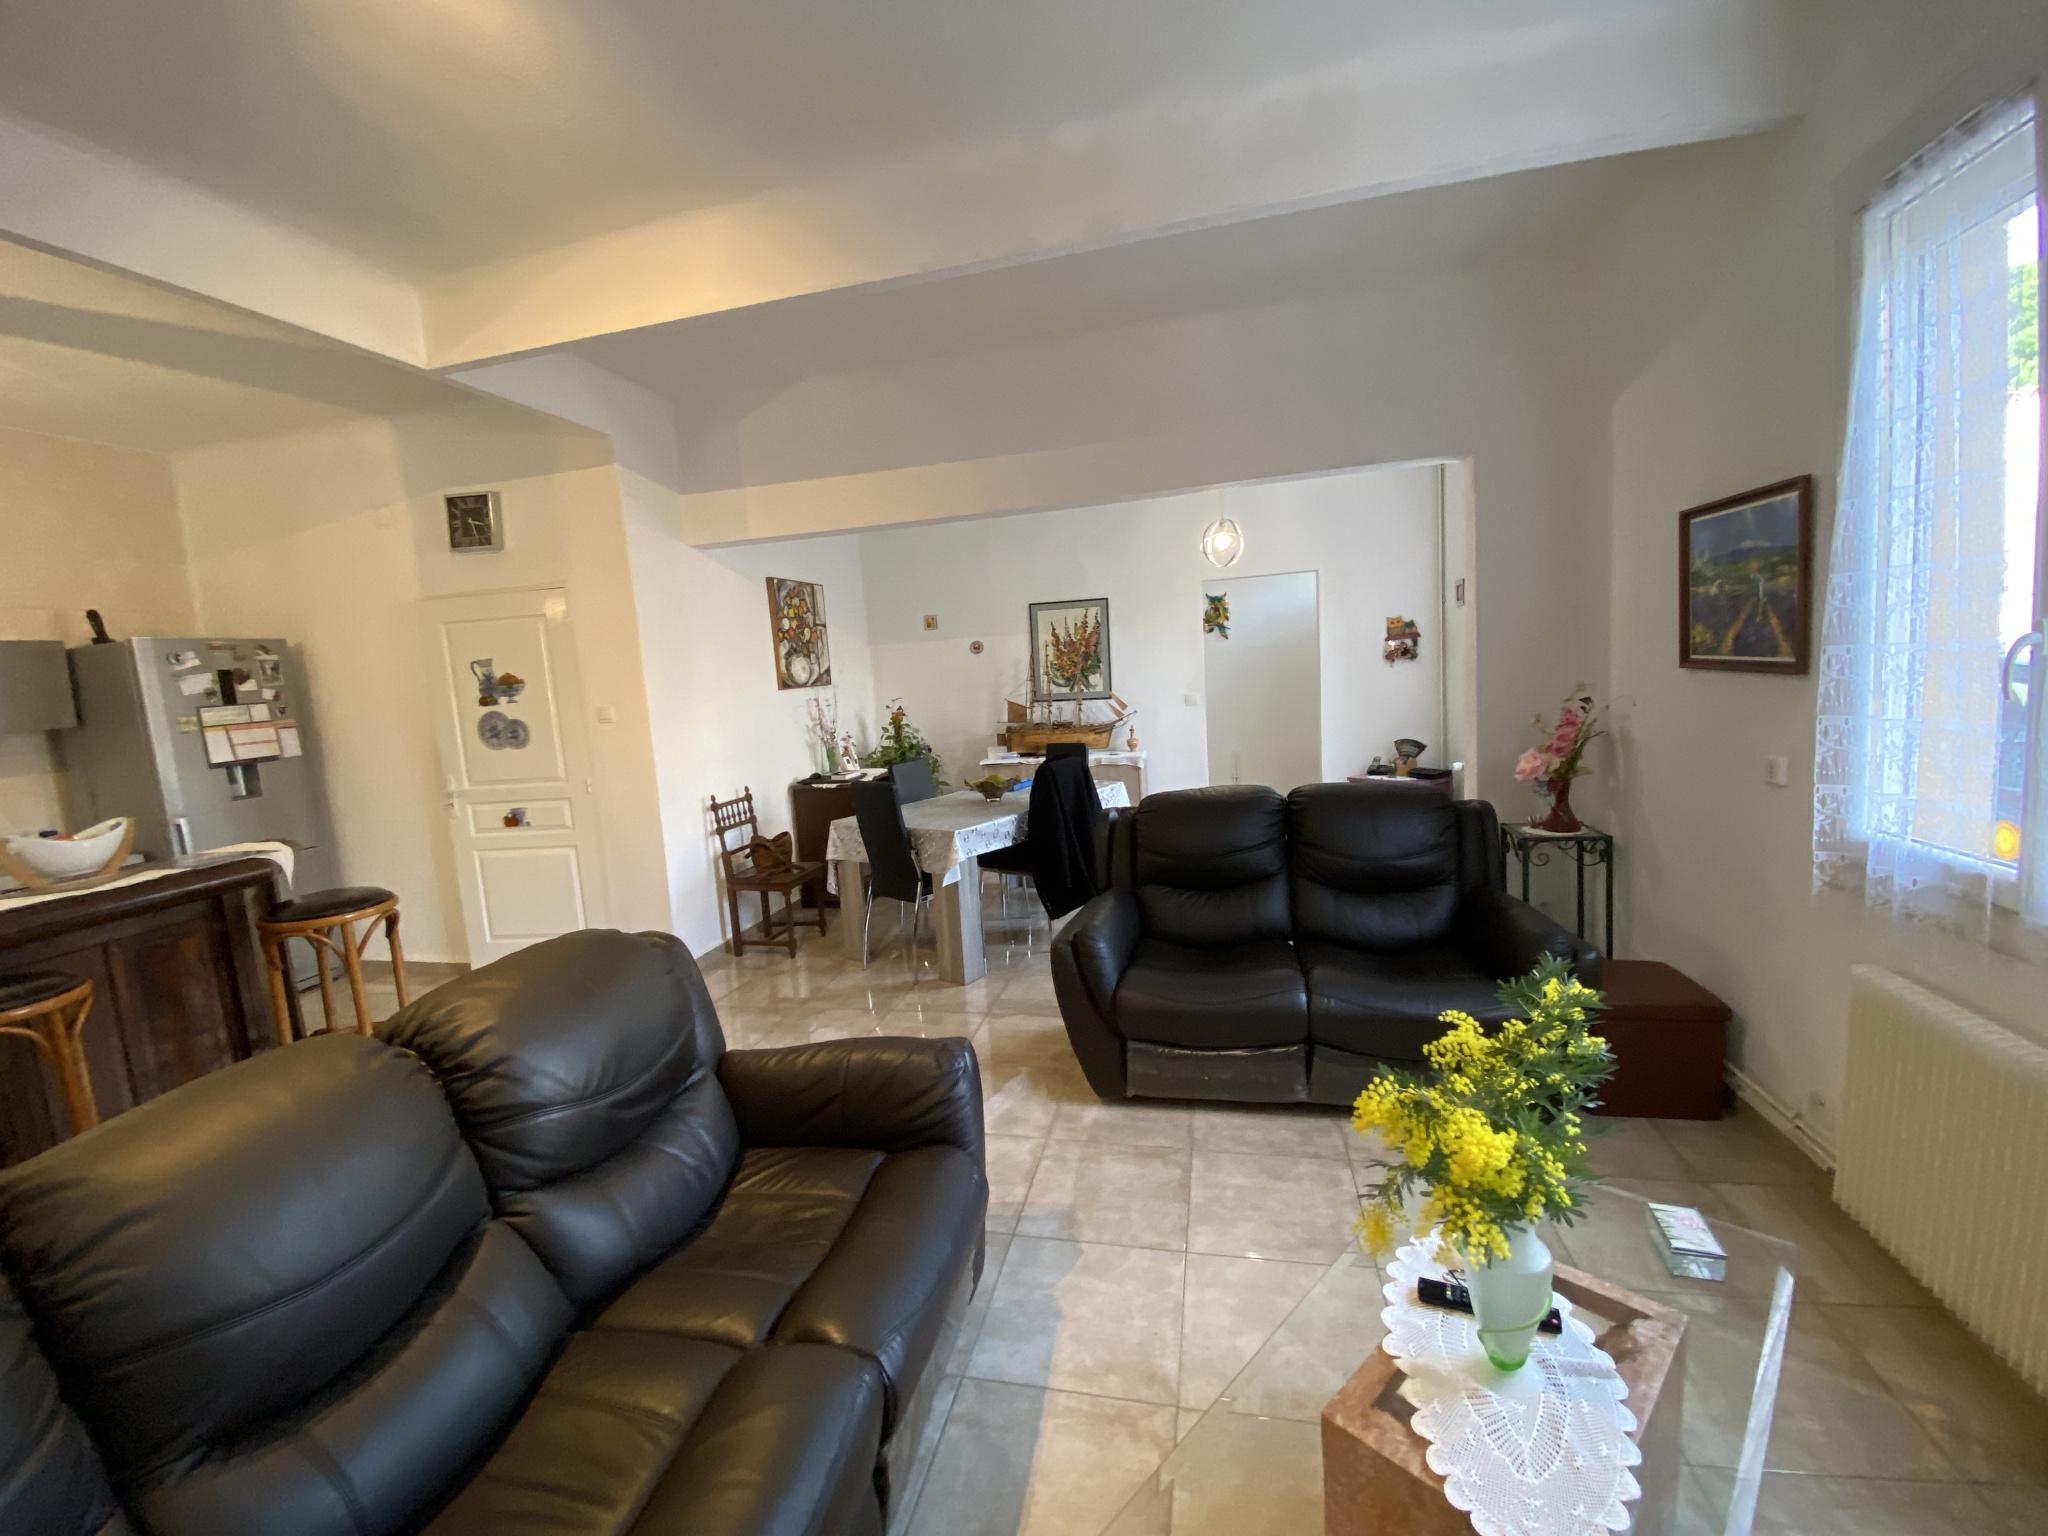 À vendre appartement de 104.21m2 à argeles sur mer (66700) - Photo 3'